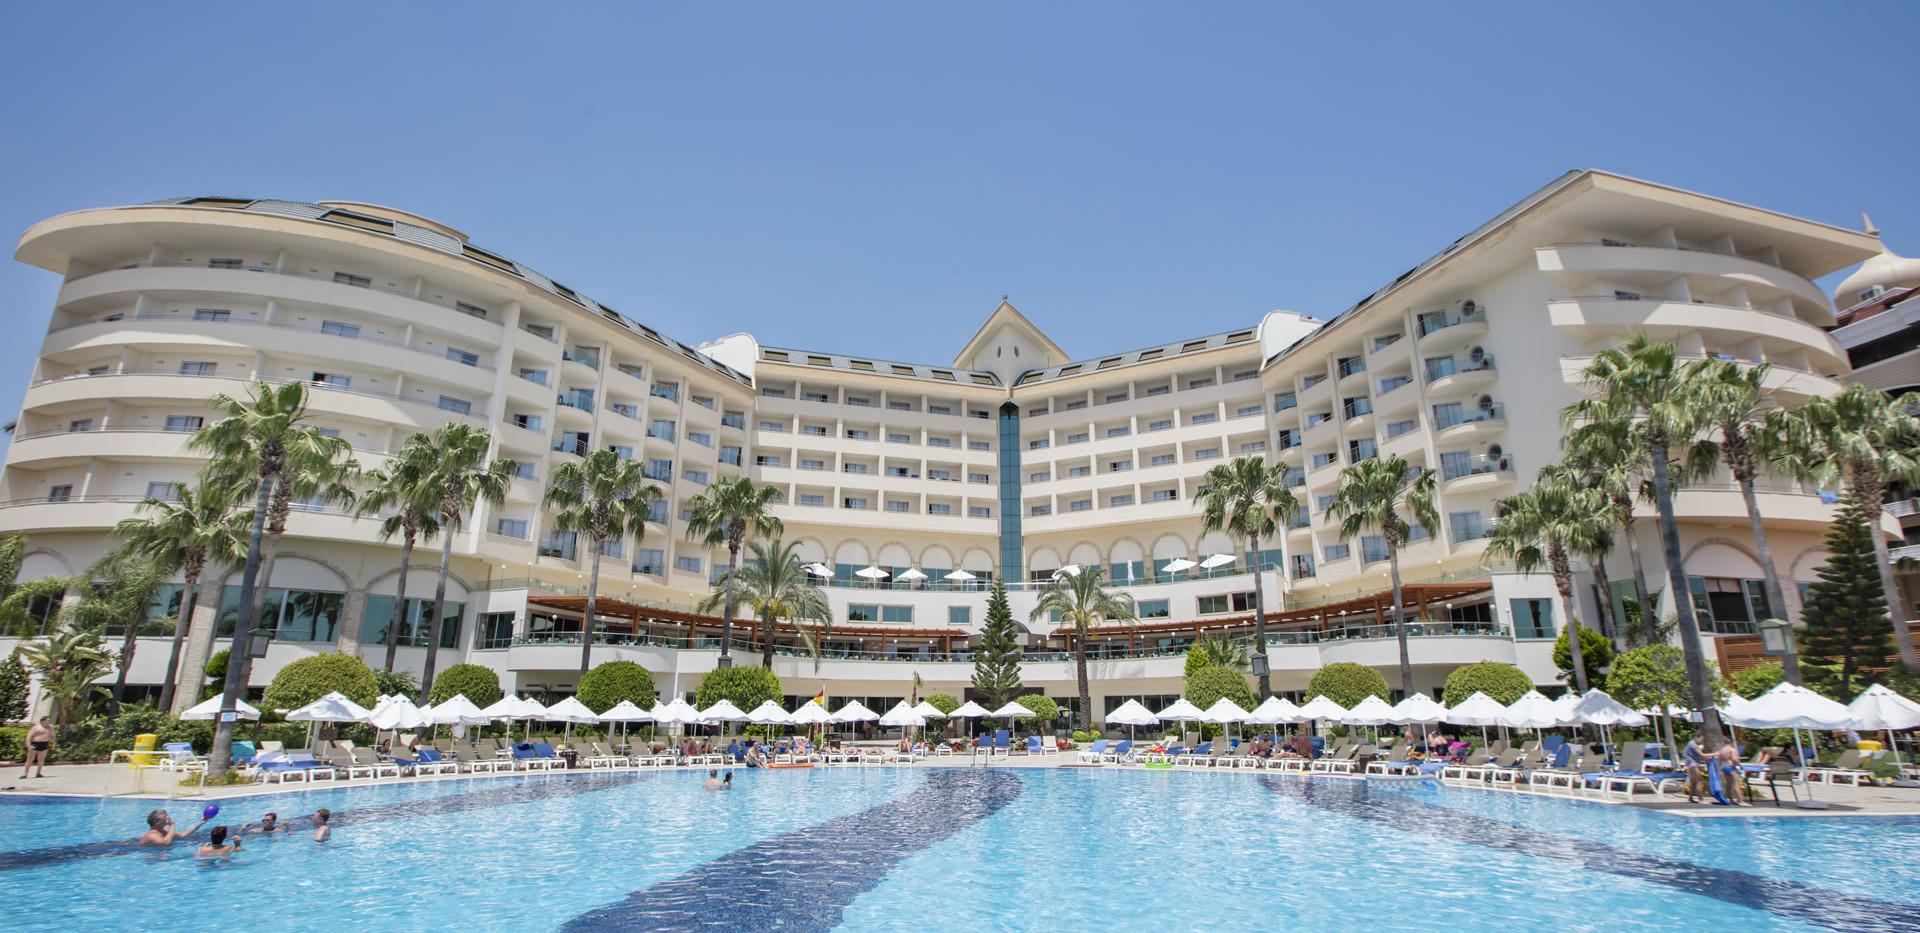 saphir-resort-spa-otelimiz-661.jpg